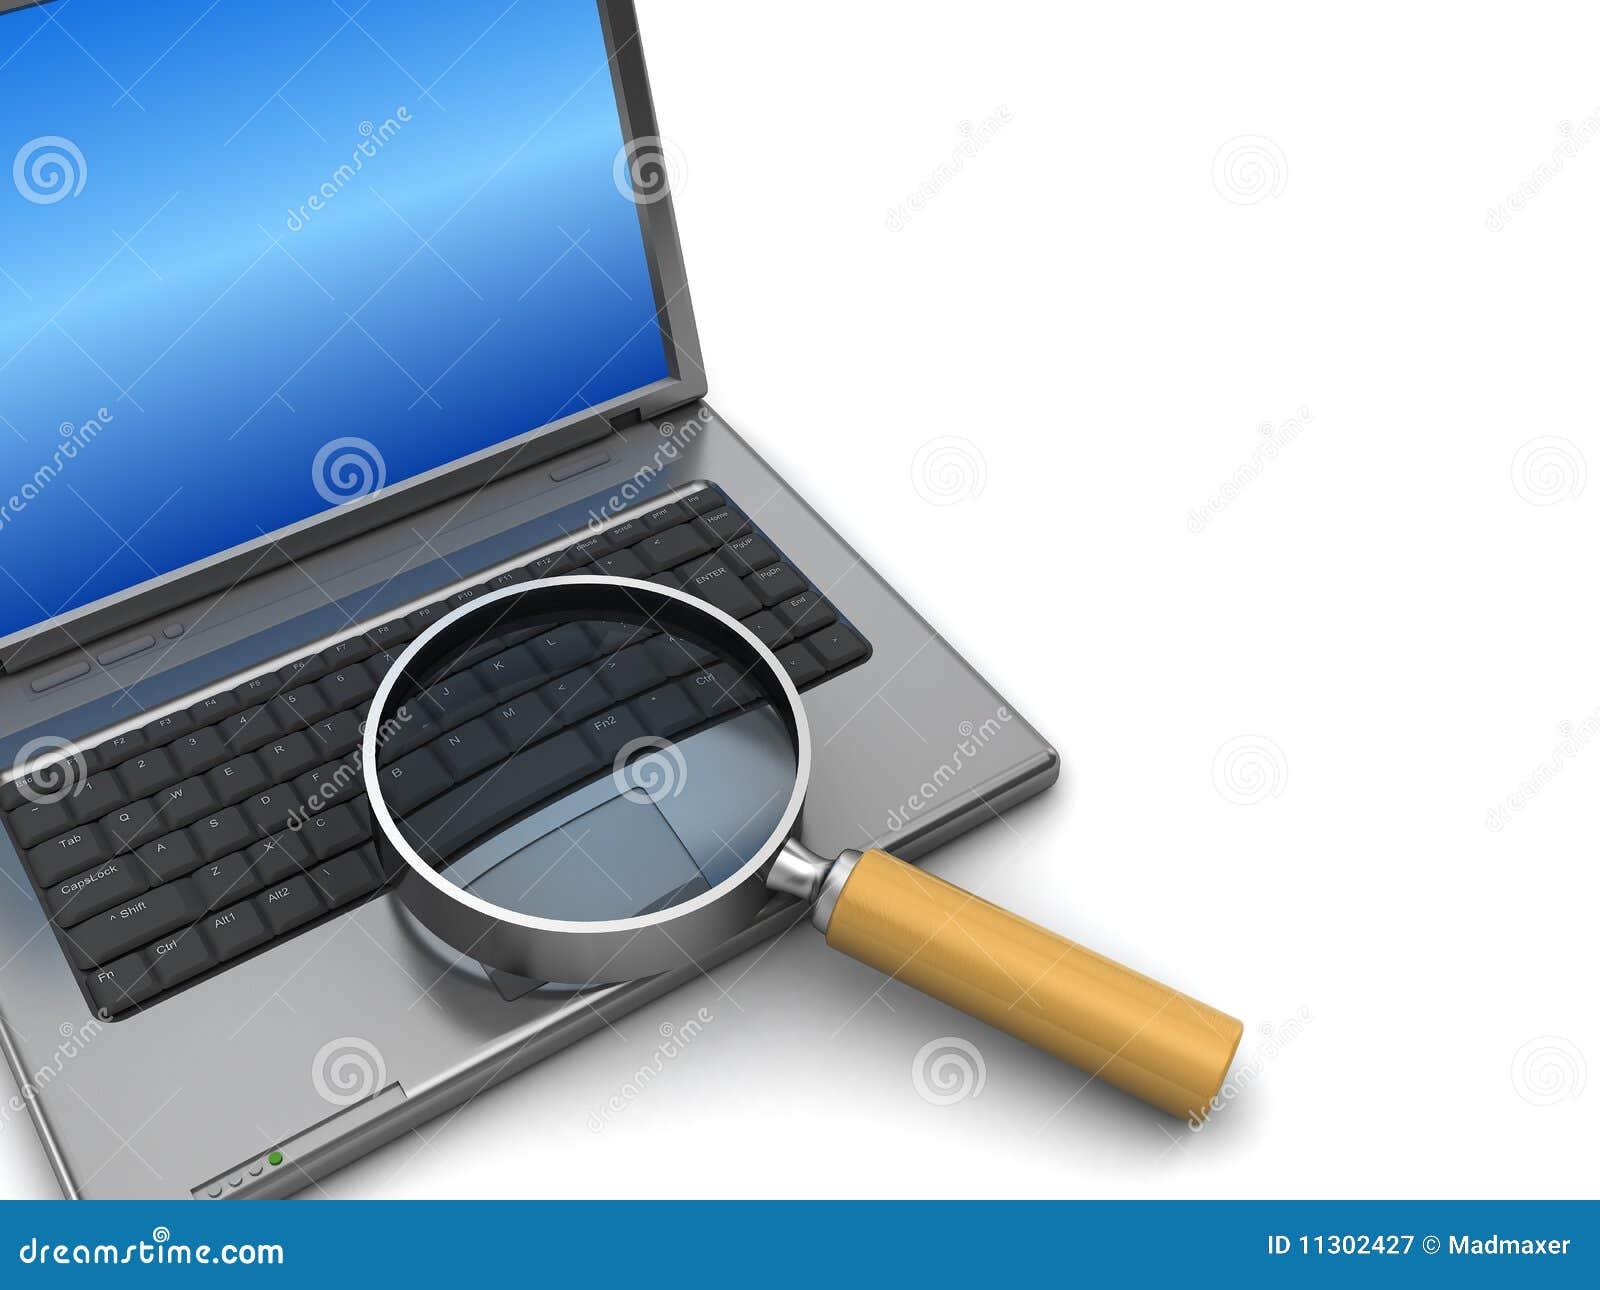 latop com amplia o vidro ilustração stock ilustração de laptop